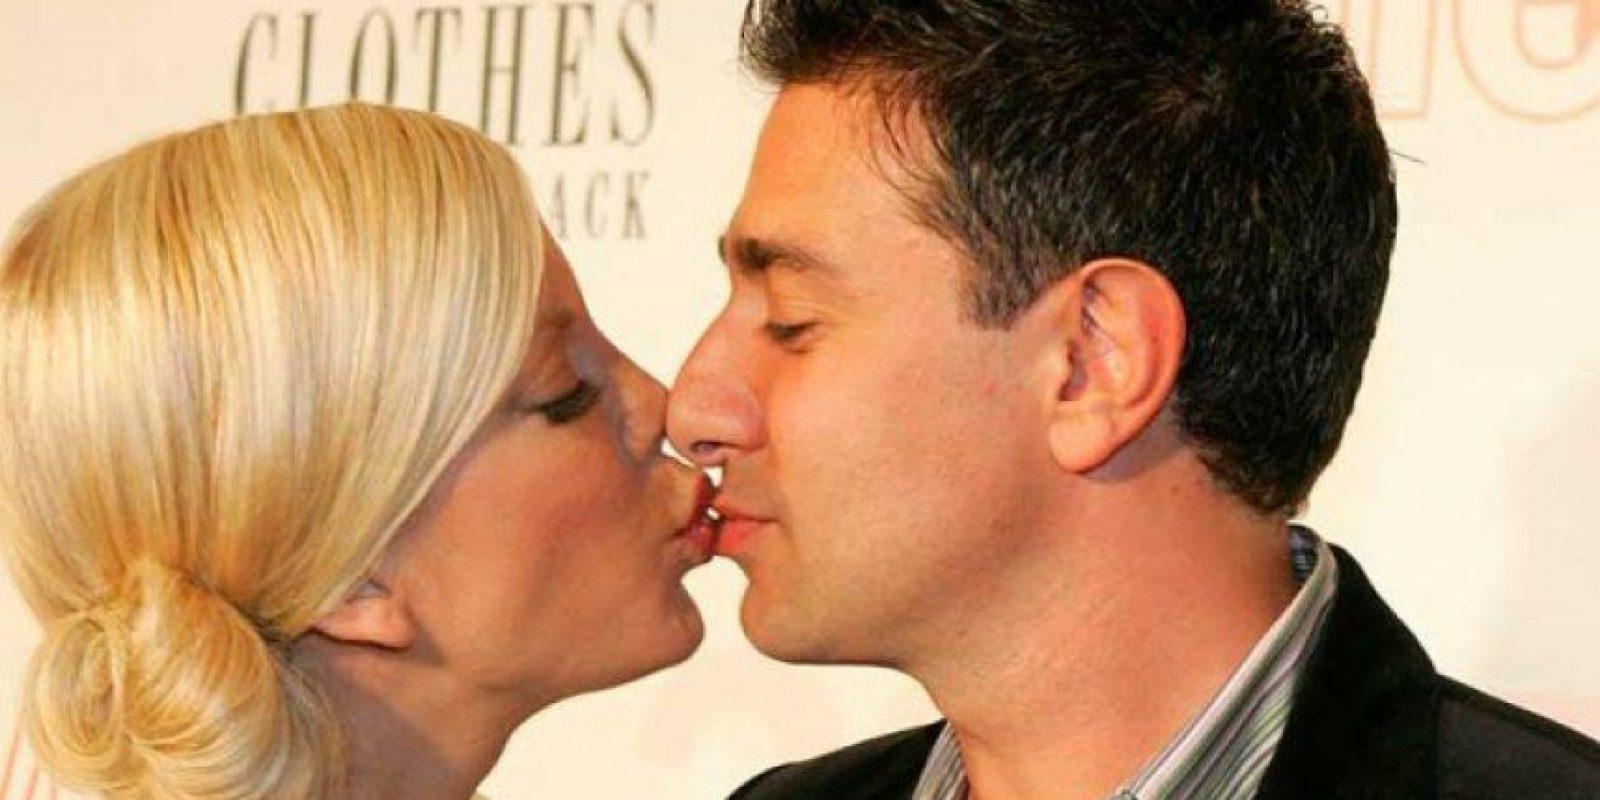 Pero antes de llegar a esta situación, Spelling estuvo casada con Charlie Shanian a quien le fue infiel con Dean McDermott Foto:Internet